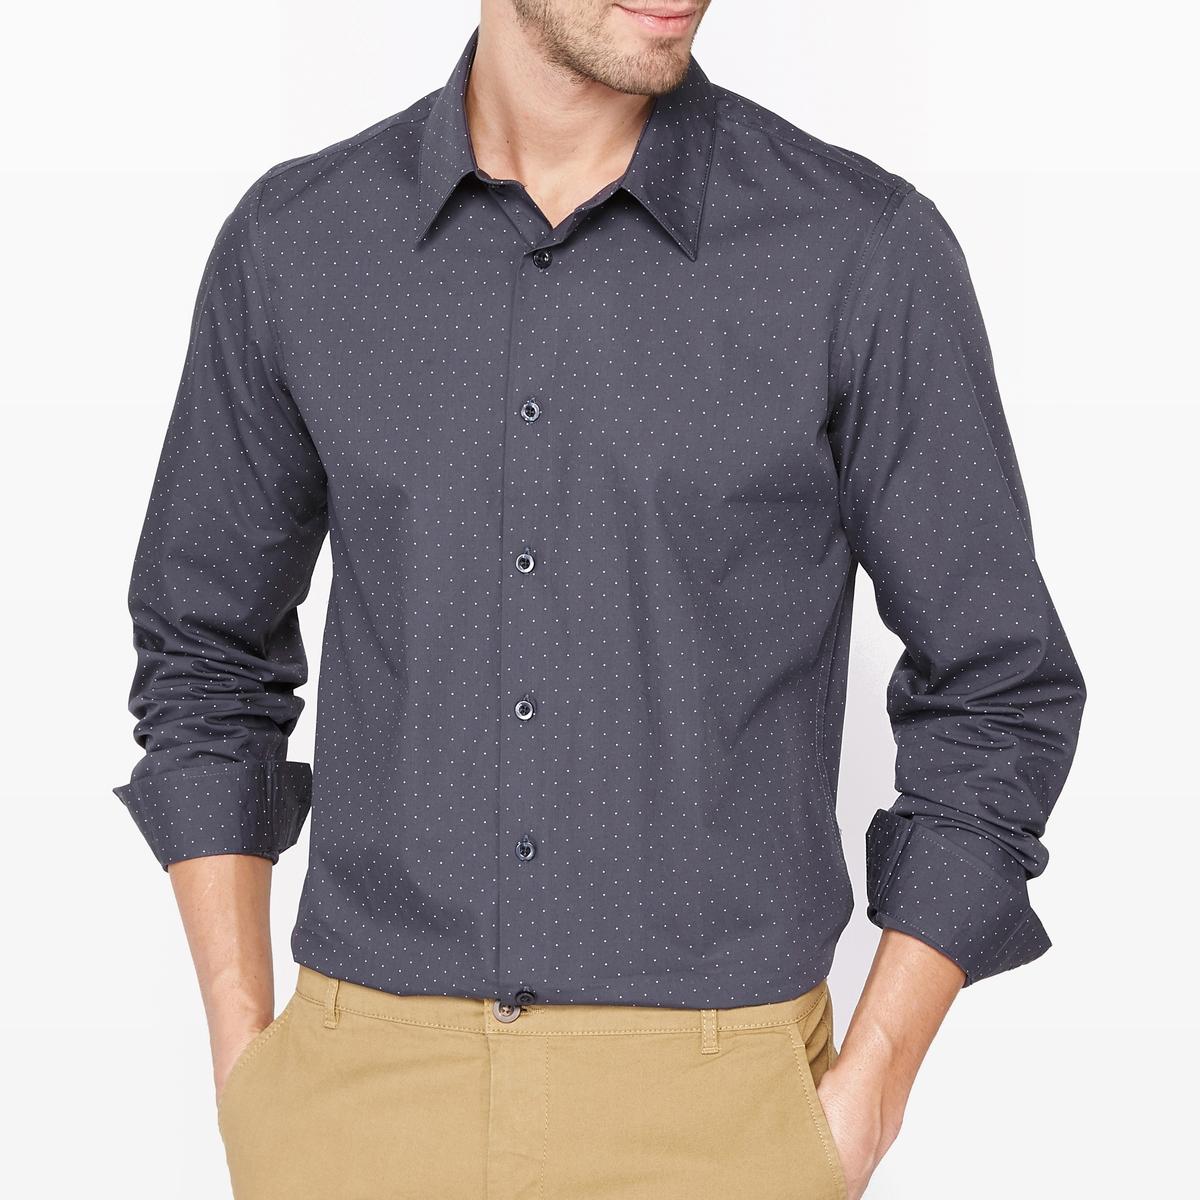 Рубашка облегающая в горошек с длинным рукавомРубашка с рисунком. Зауженный покрой. Длинные рукава. Французский воротник с уголками на пуговицах. Состав и описаниеМатериалы : 100% хлопокДлина : 79 смМарка : R essentiel.УходМашинная стирка при  40°CСухая (химическая) чистка запрещенаОтбеливание запрещеноСтирать вместе с одеждой подобных цветовБарабанная сушка запрещенаГладить при средней температуре<br><br>Цвет: в горошек/темно-синий,синий/наб. рисунок<br>Размер: 35/36.47/48.45/46.43/44.41/42.35/36.45/46.43/44.41/42.39/40